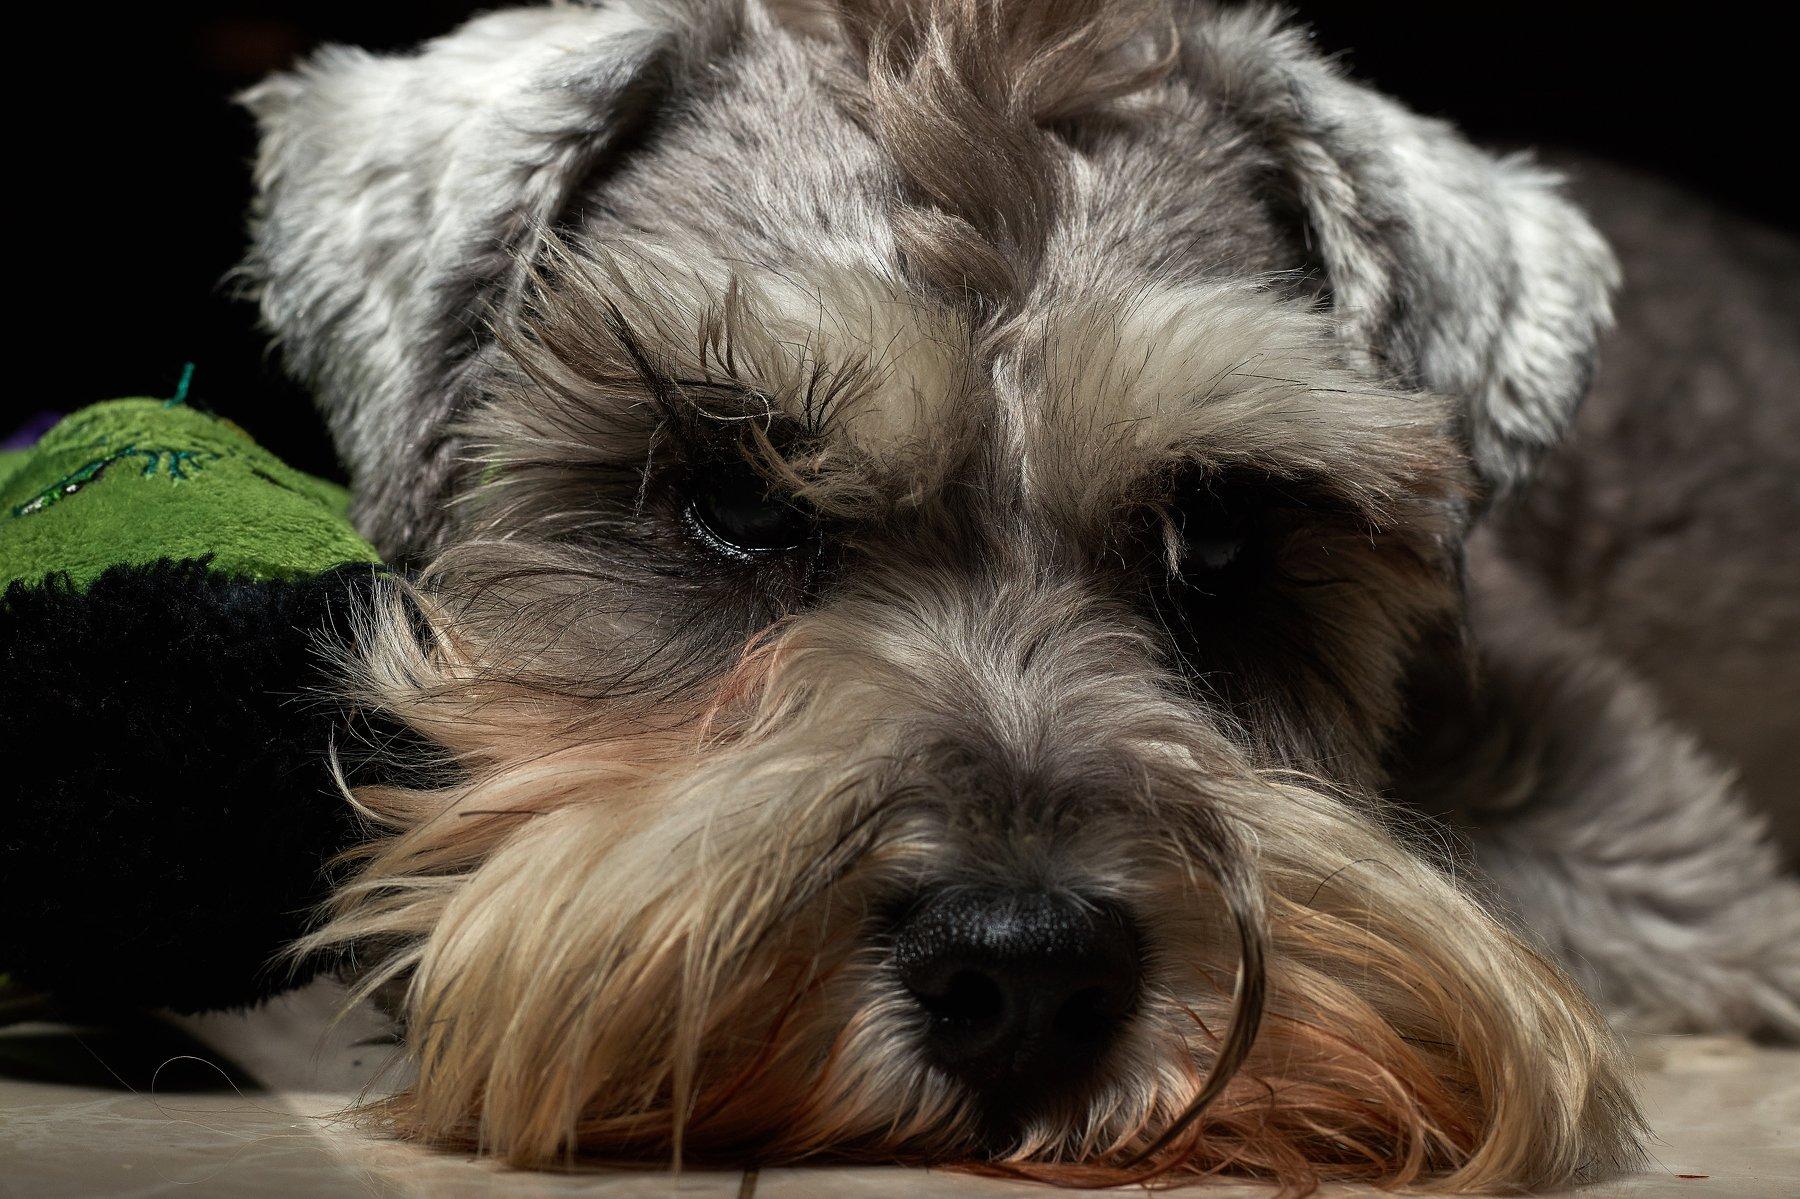 шнауцер, собака, свет, морда, серый, шерсть, низкий ключ,, Виталий Мытник